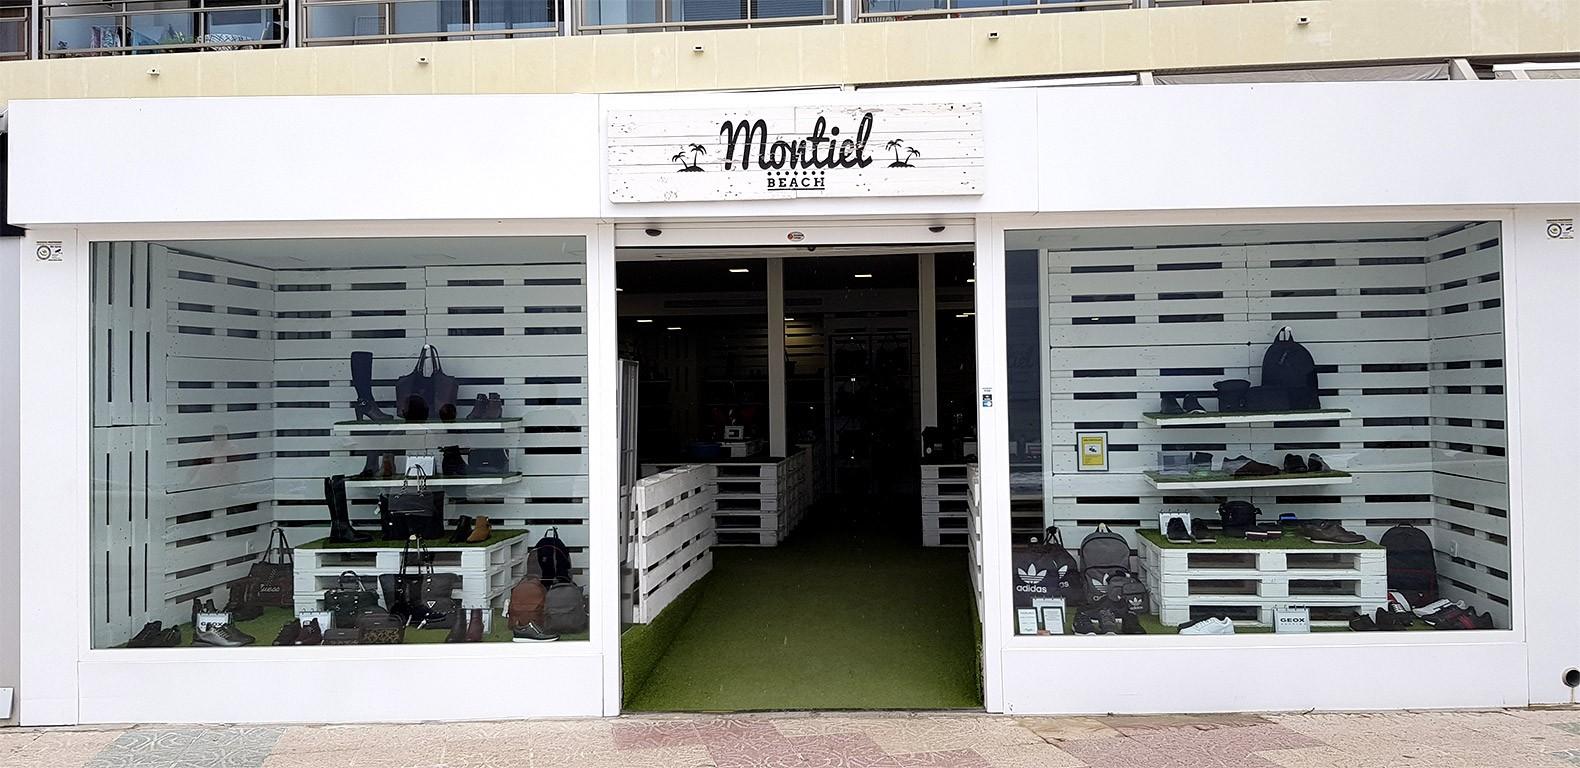 Calzados Montiel - Calp - Avd. Gibraltar nº 8